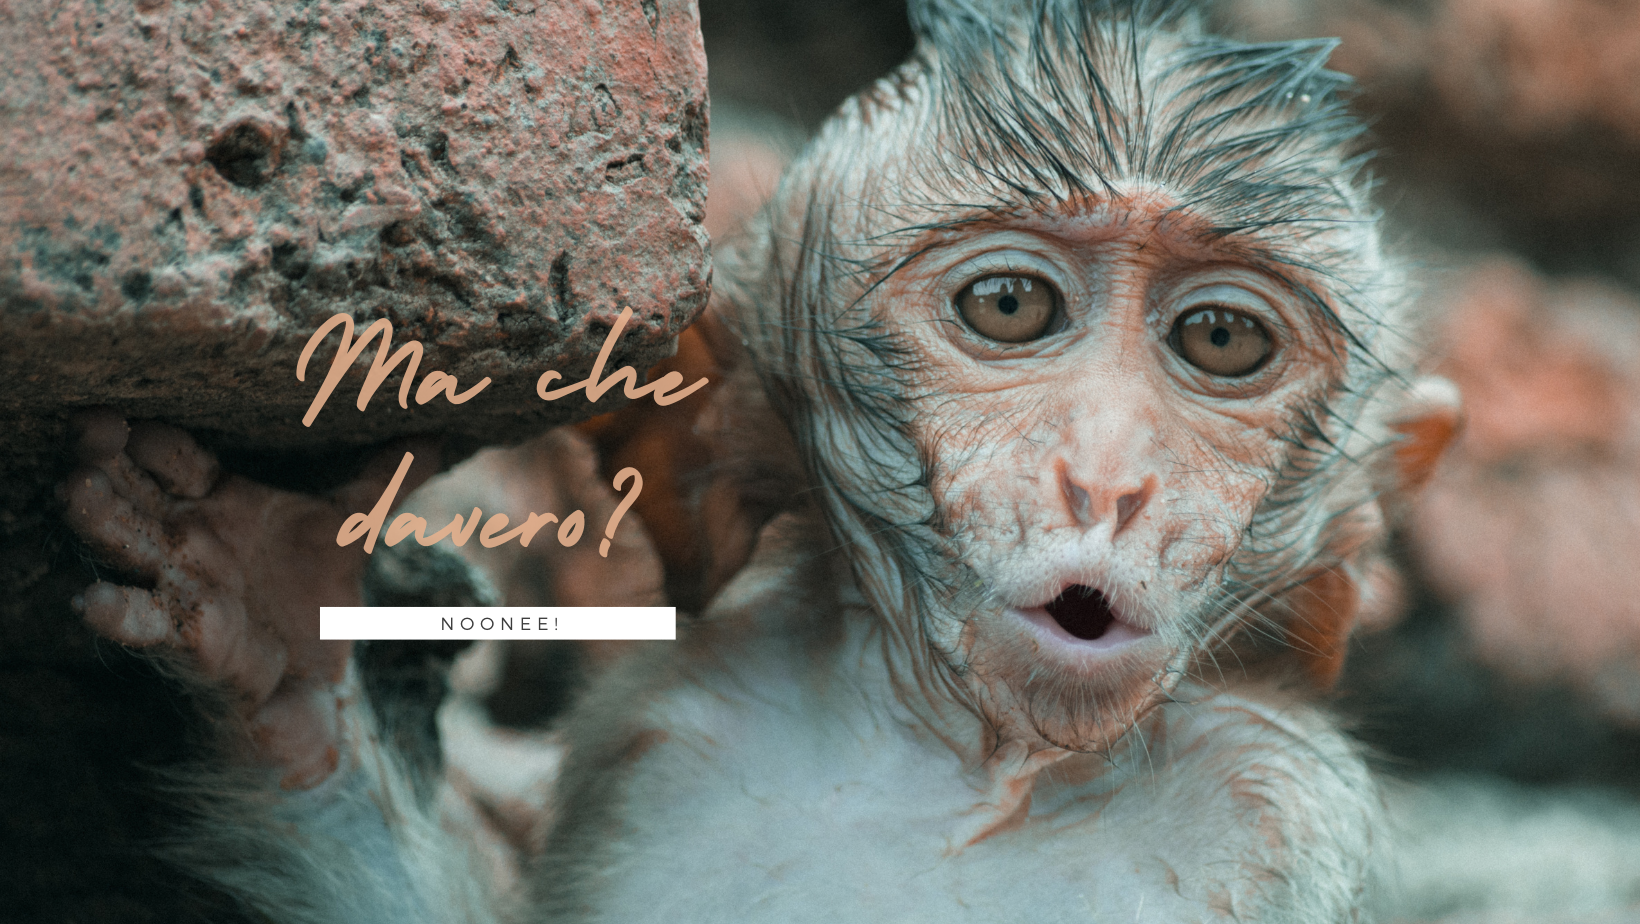 """Foto di una scimmia con espressione sorpresa, con scritta """"Ma che davero?"""""""